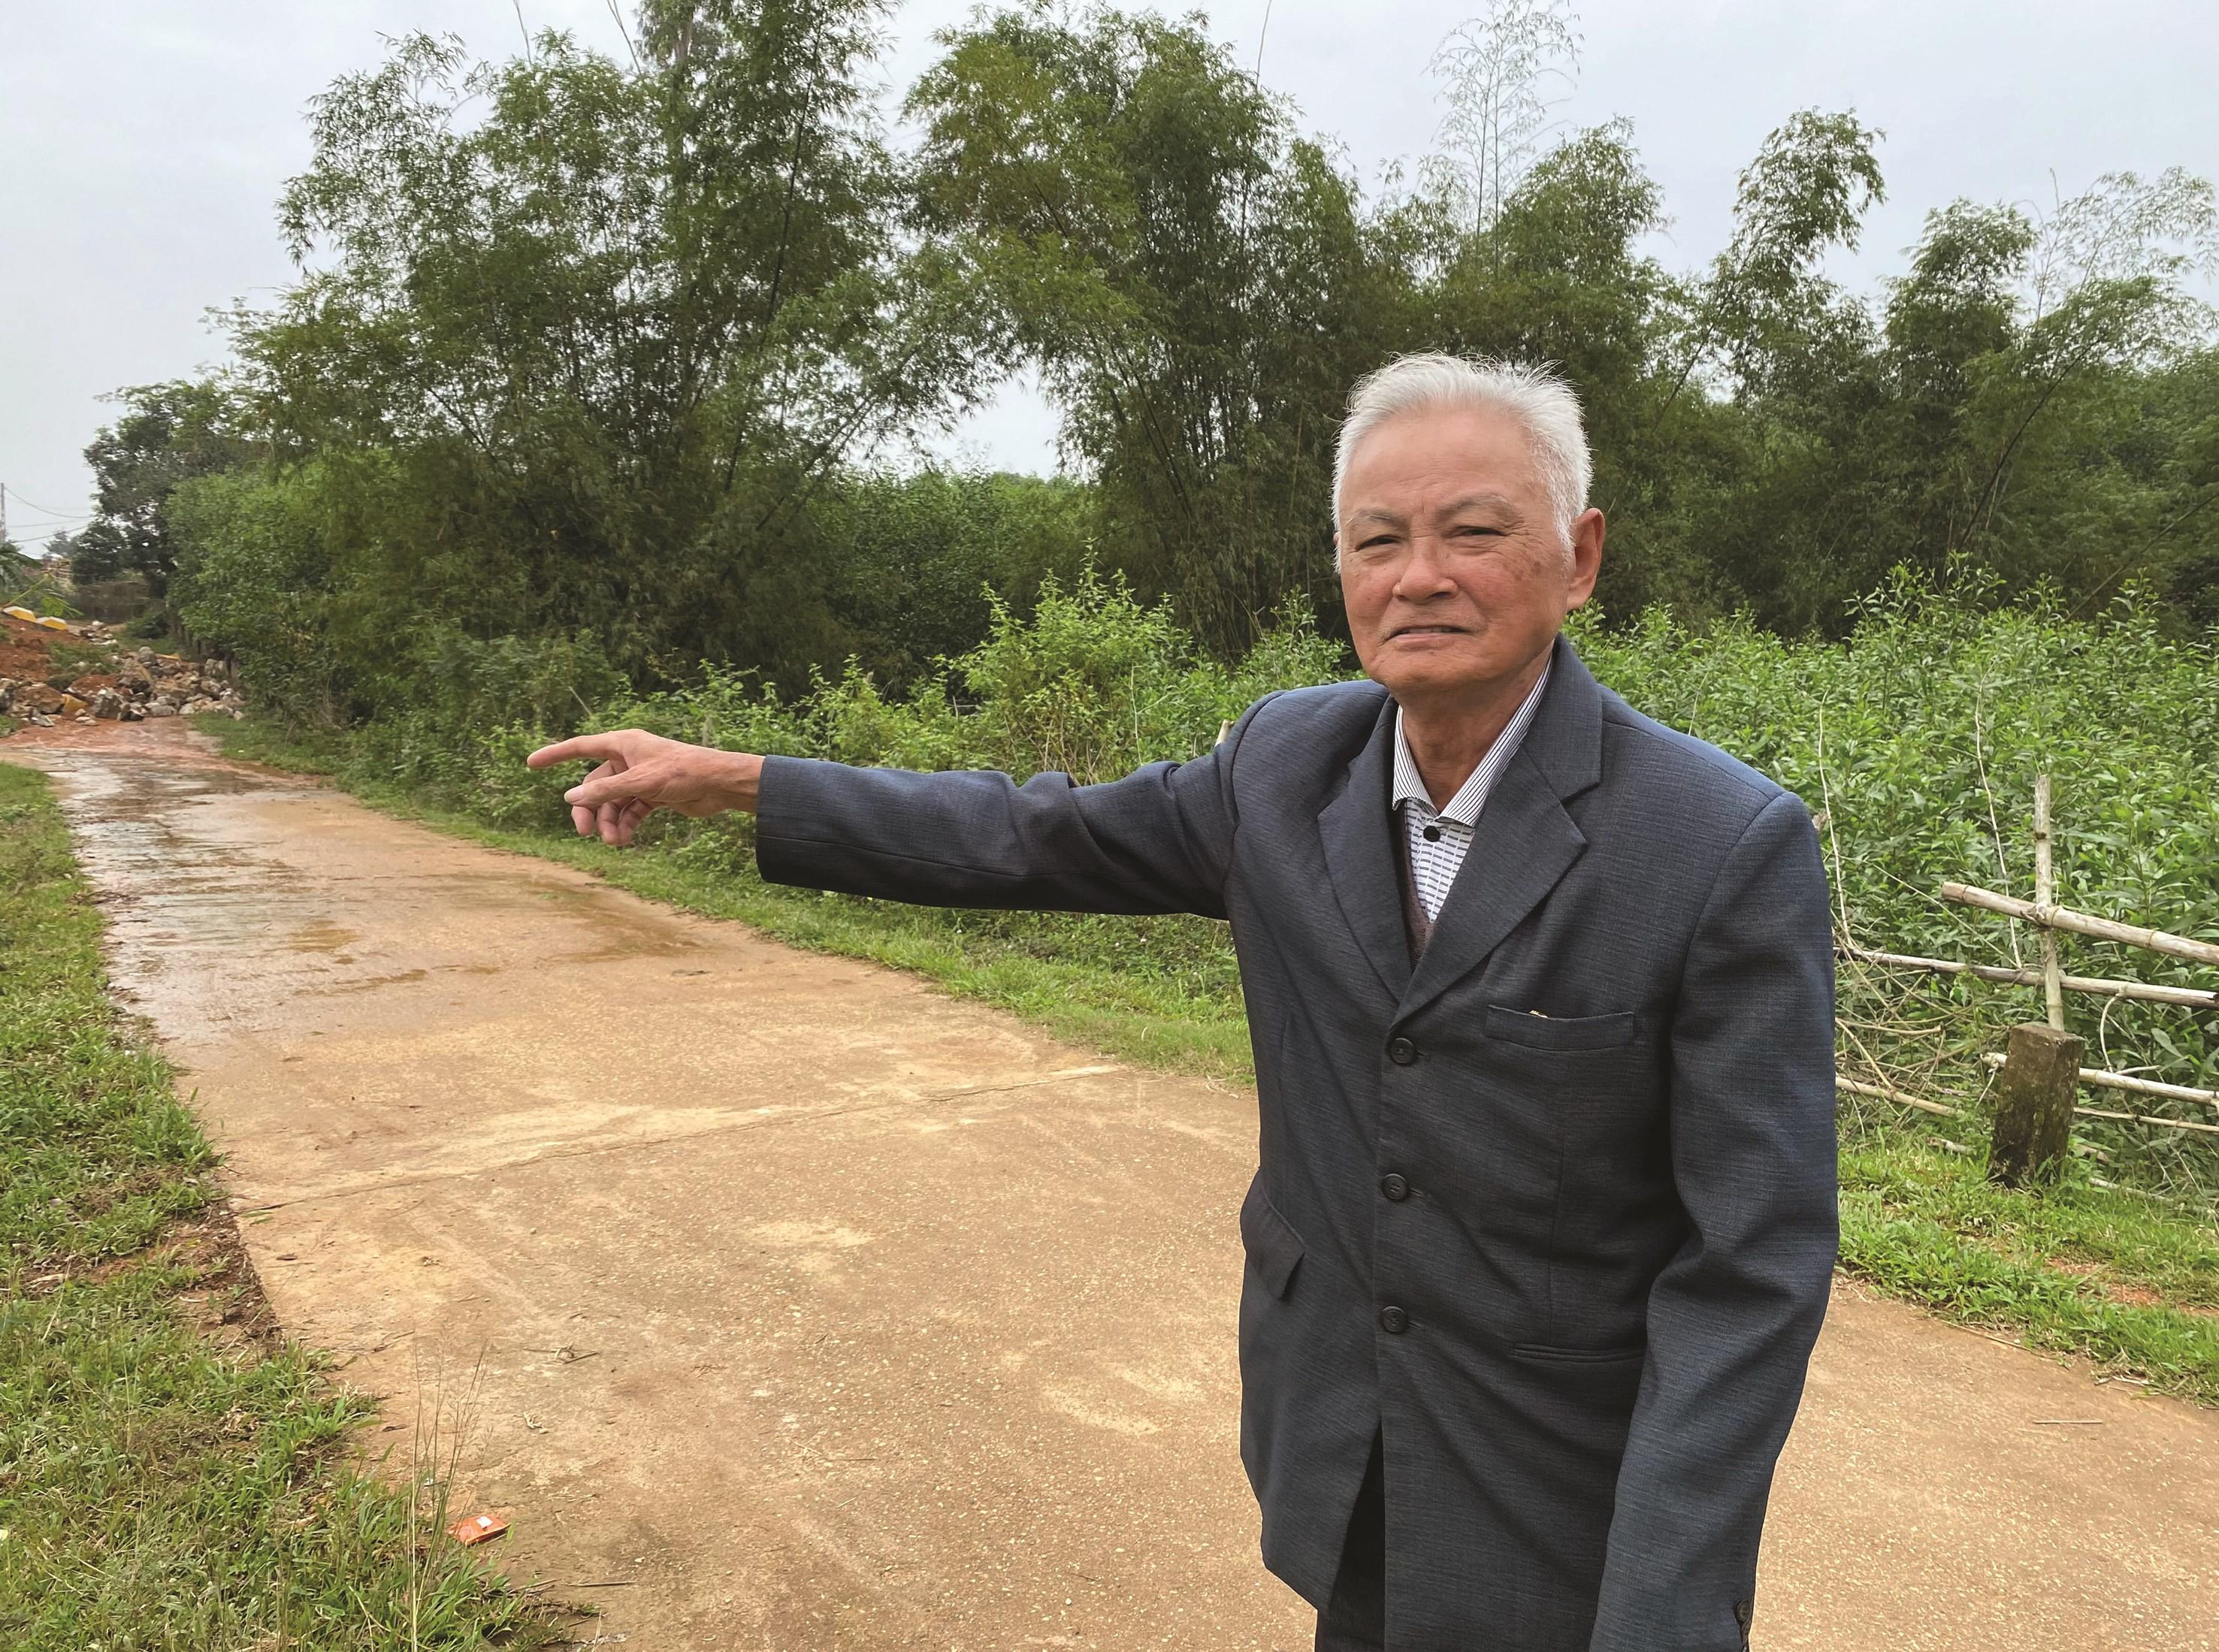 Giáo dân Hồ Sỹ Quảng là người đầu tiên hiến 2 sào đất để mở đường, làm gương cho bà con noi theo.